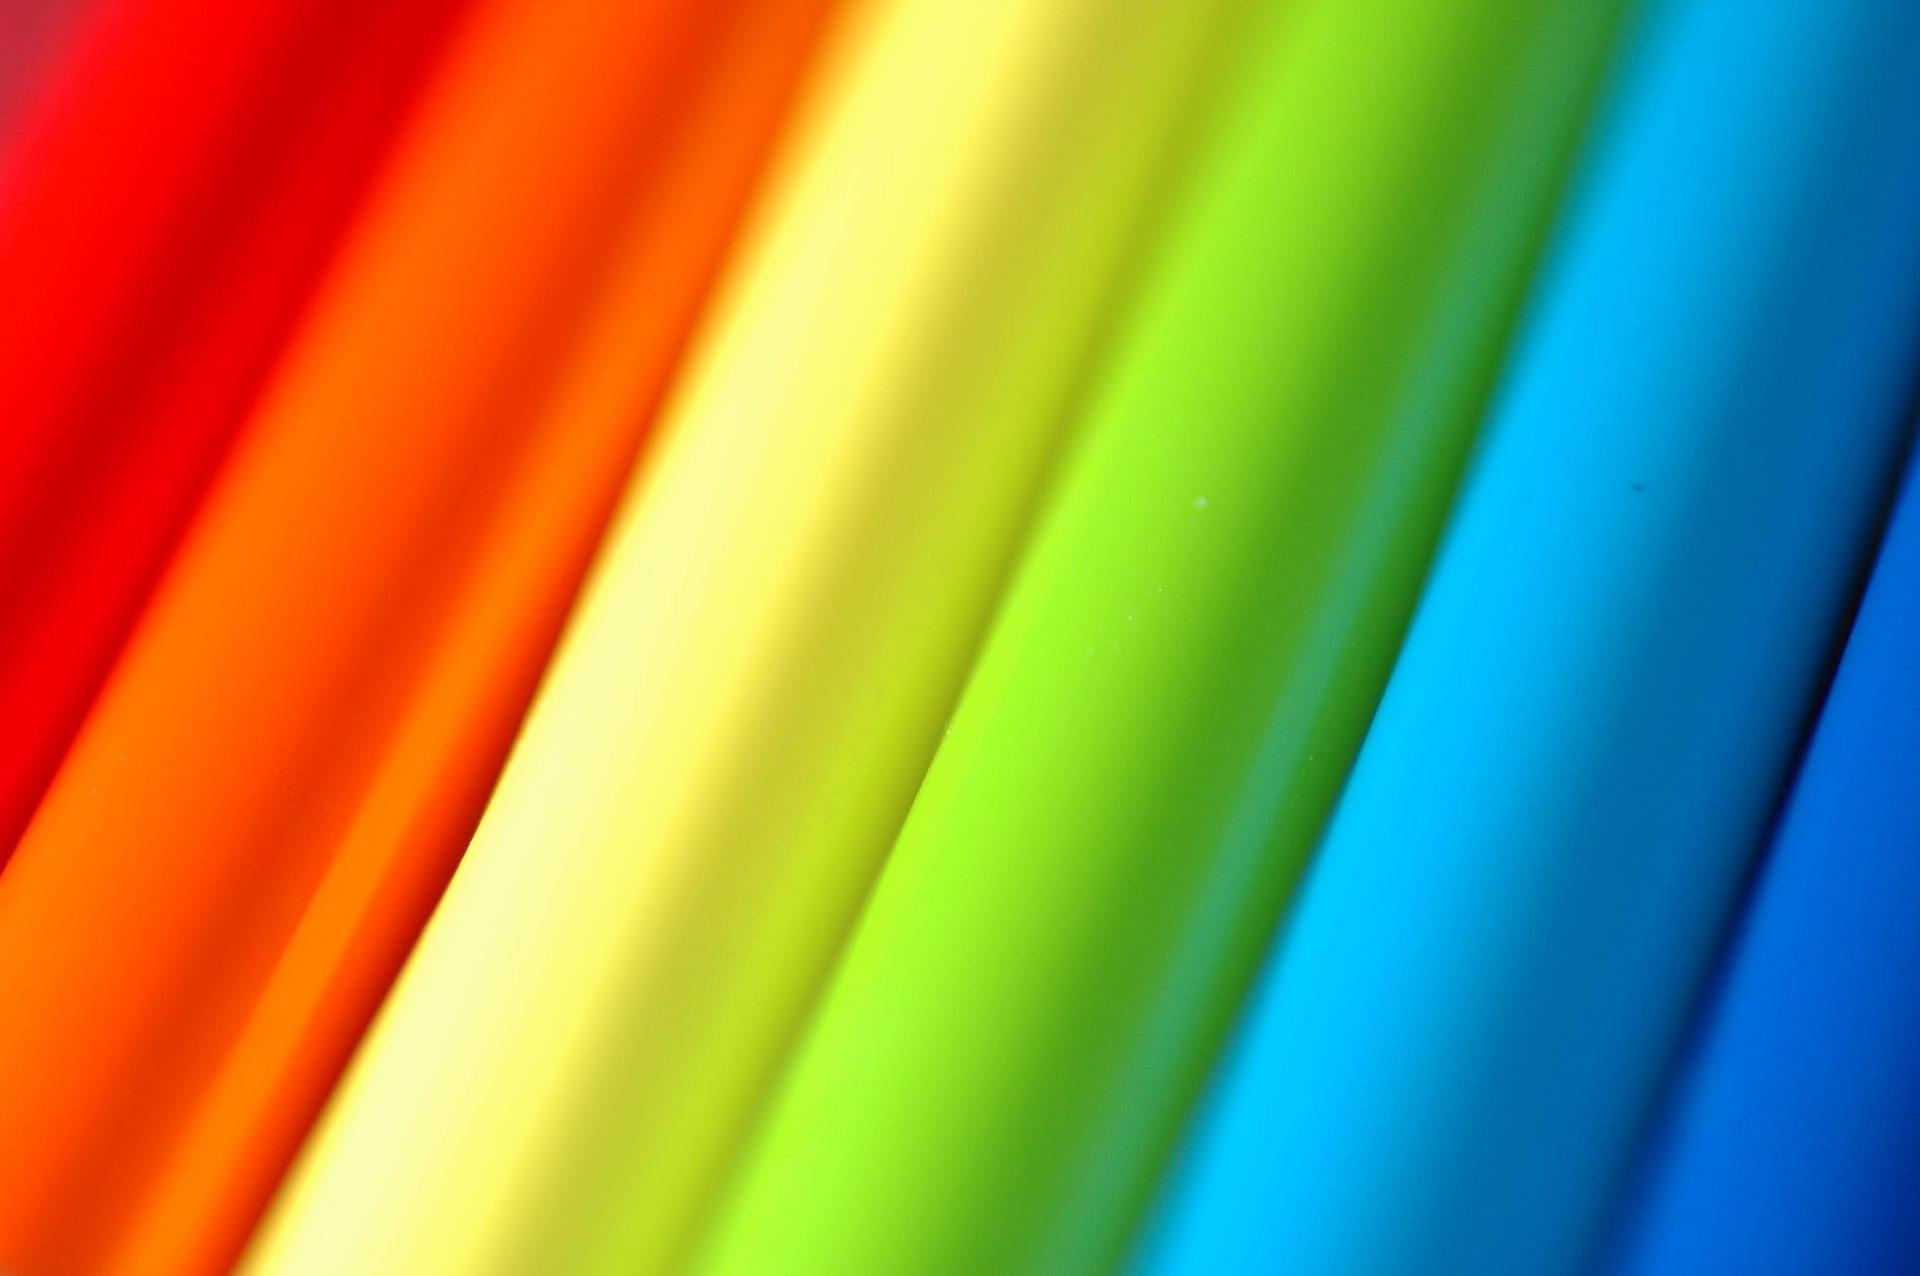 colour-2262222_1920